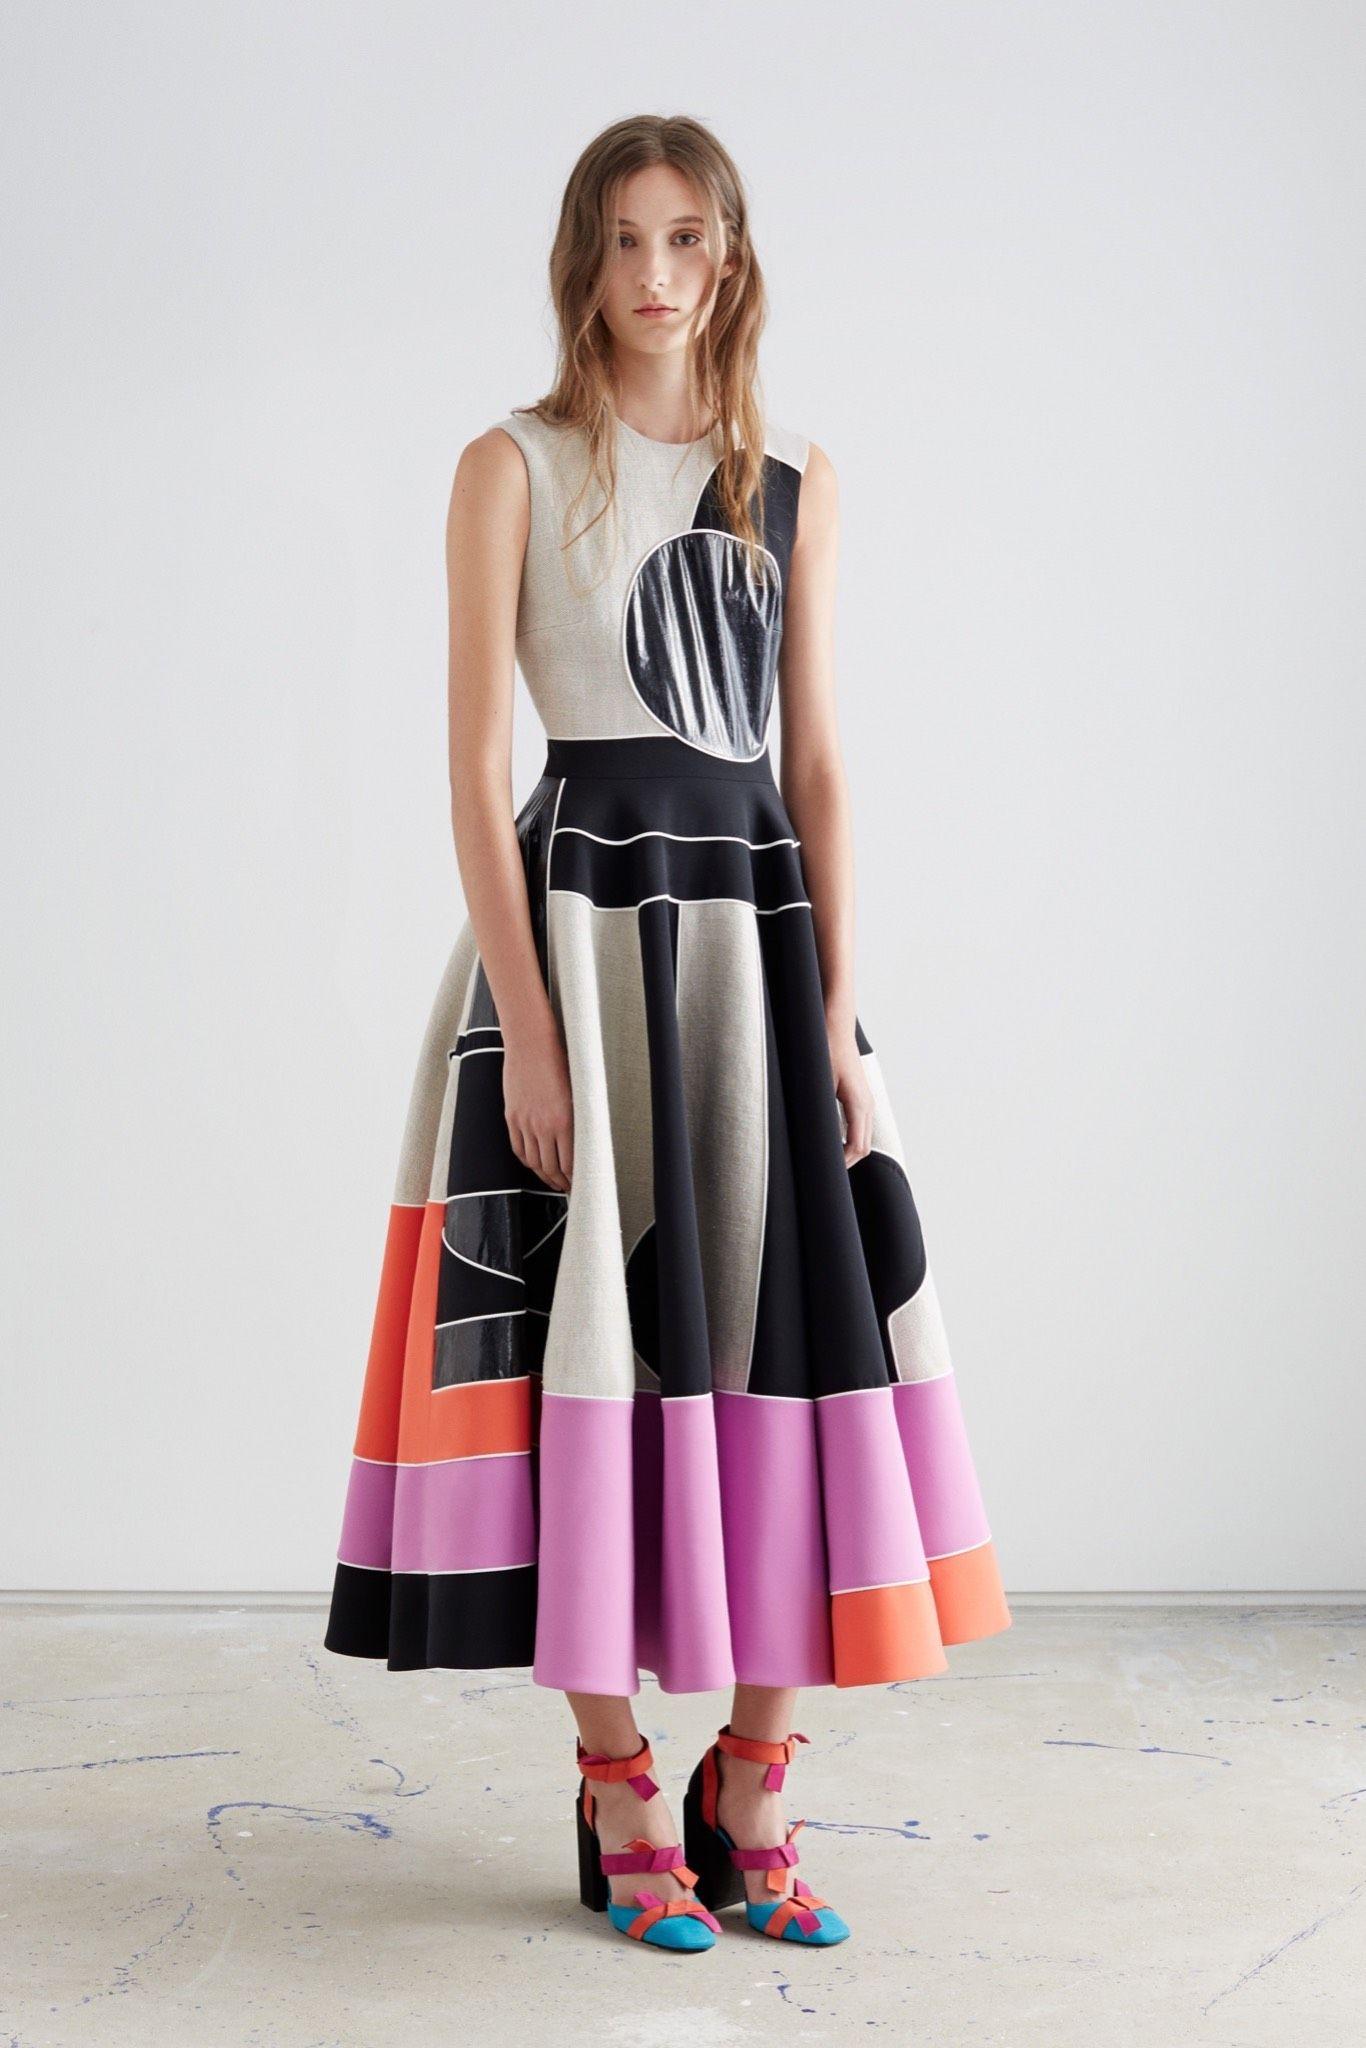 Linen + cady dress: Roksanda Resort 2016 available for pre-order at @modaoperandi